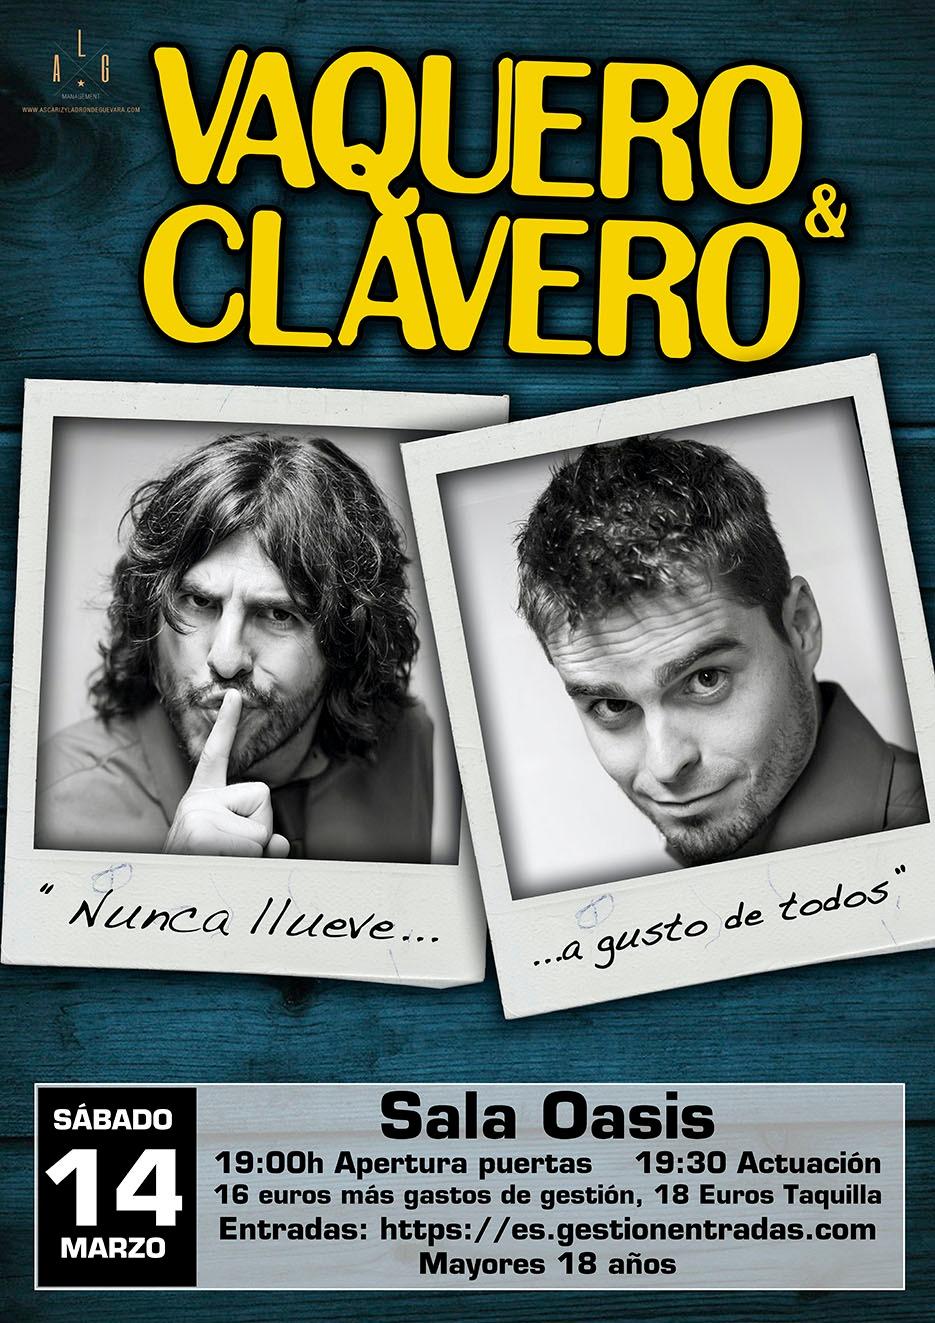 Clavero&Vaquero